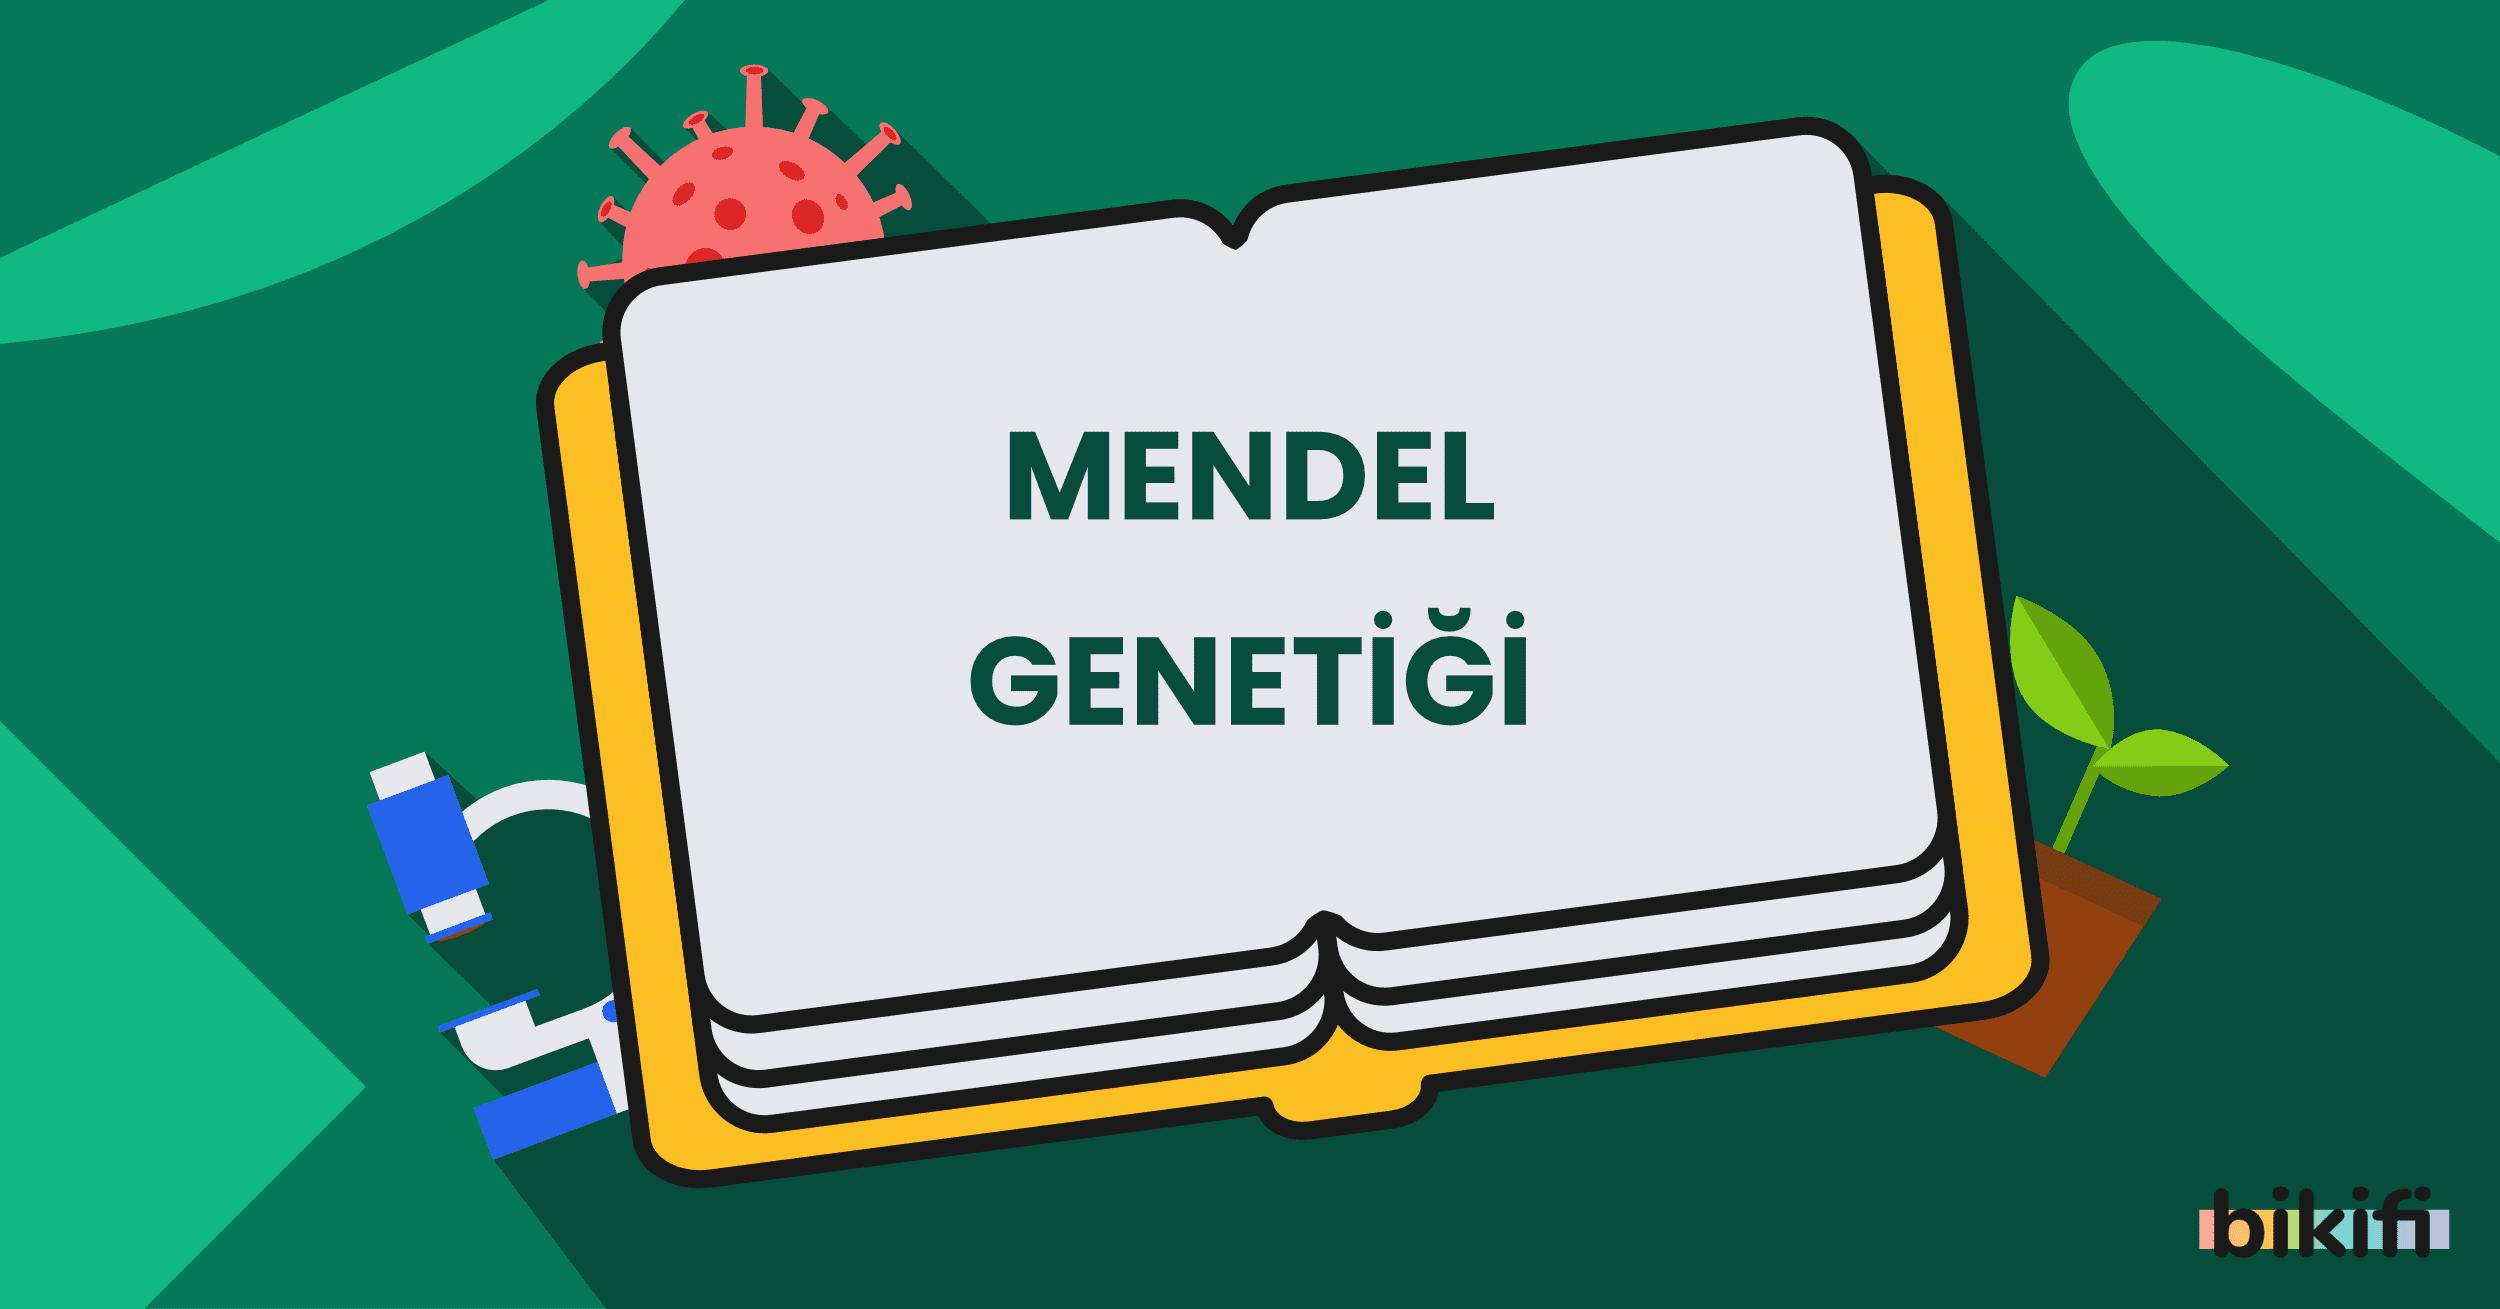 Mendel Genetiği